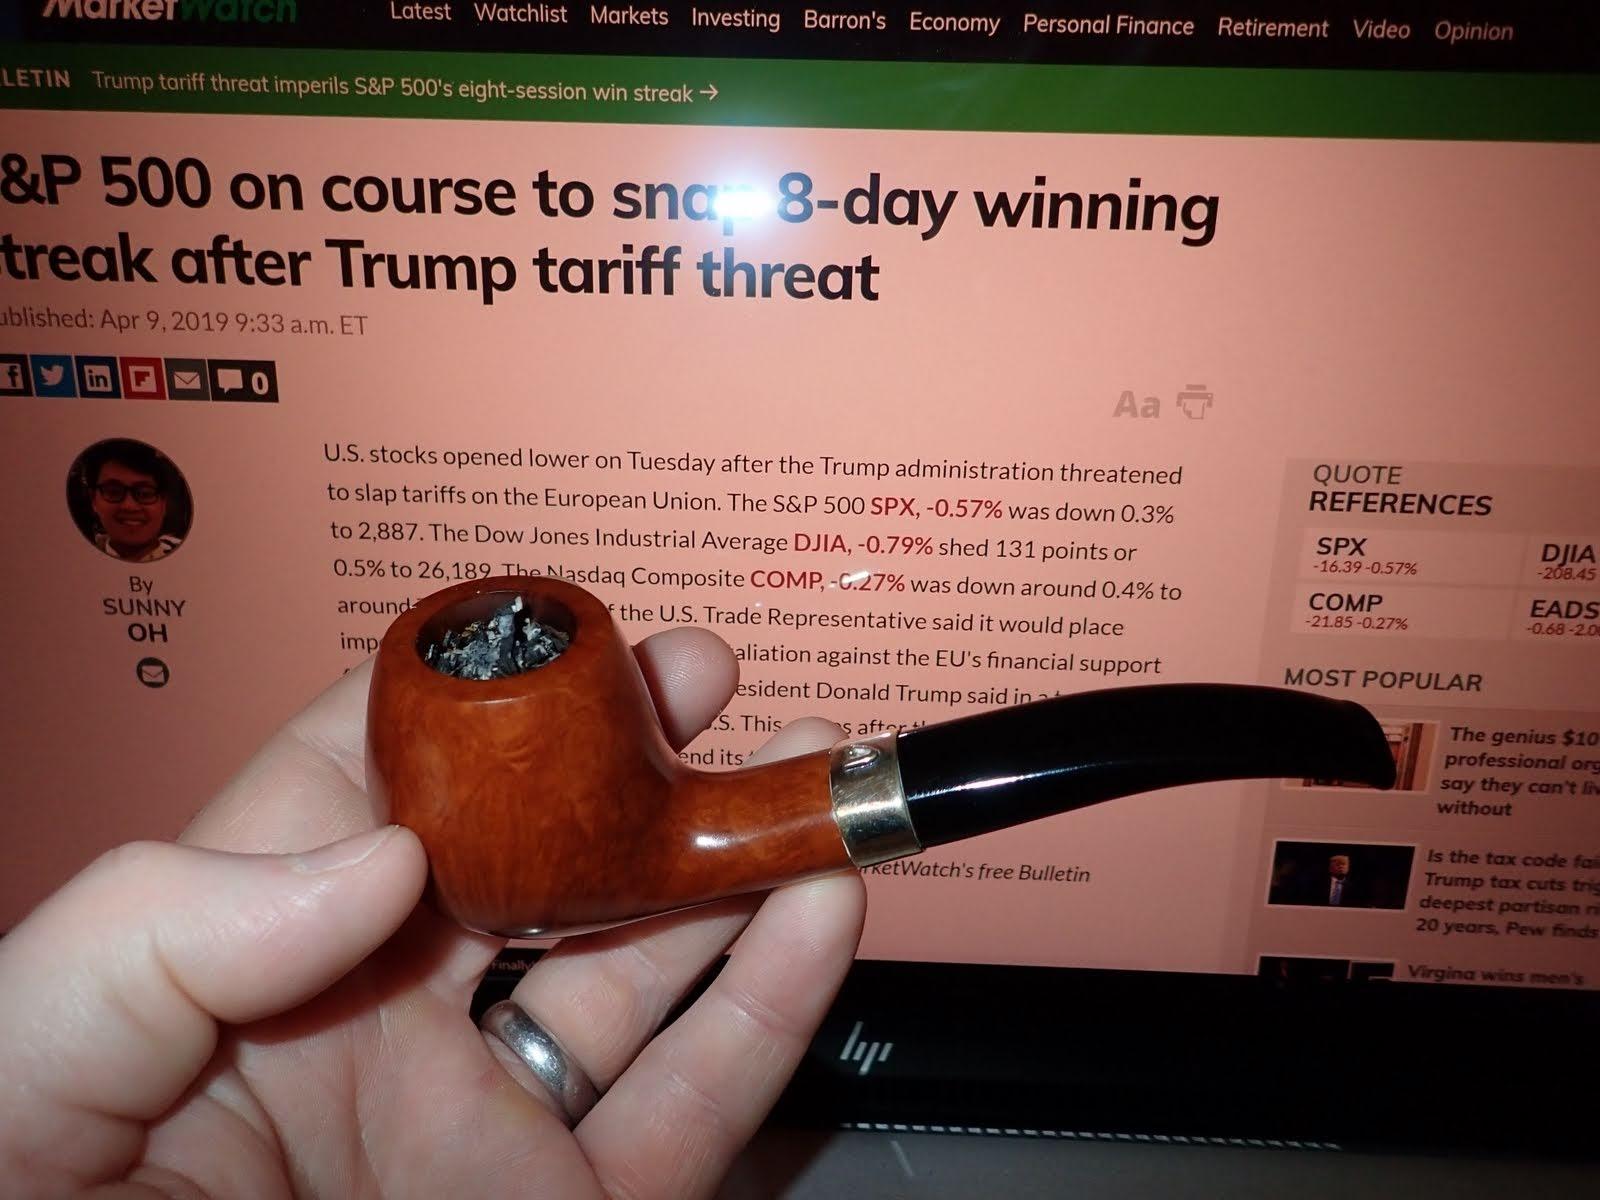 What Are You Smoking Pages. - Page 39 KTLppVtYoyu6Gy8yM91z9QjZxEvPUoa-DLVPiUzaB5oFN8qOHcZH3Ywa_dRQyC_4-fjo_0ol2UaRu4SSBD5DJuG1WeDfj9eDM-yl18LRyp9_z3tLe-5FaD3agYqGlsIUkd3pFmtNGw=w2400